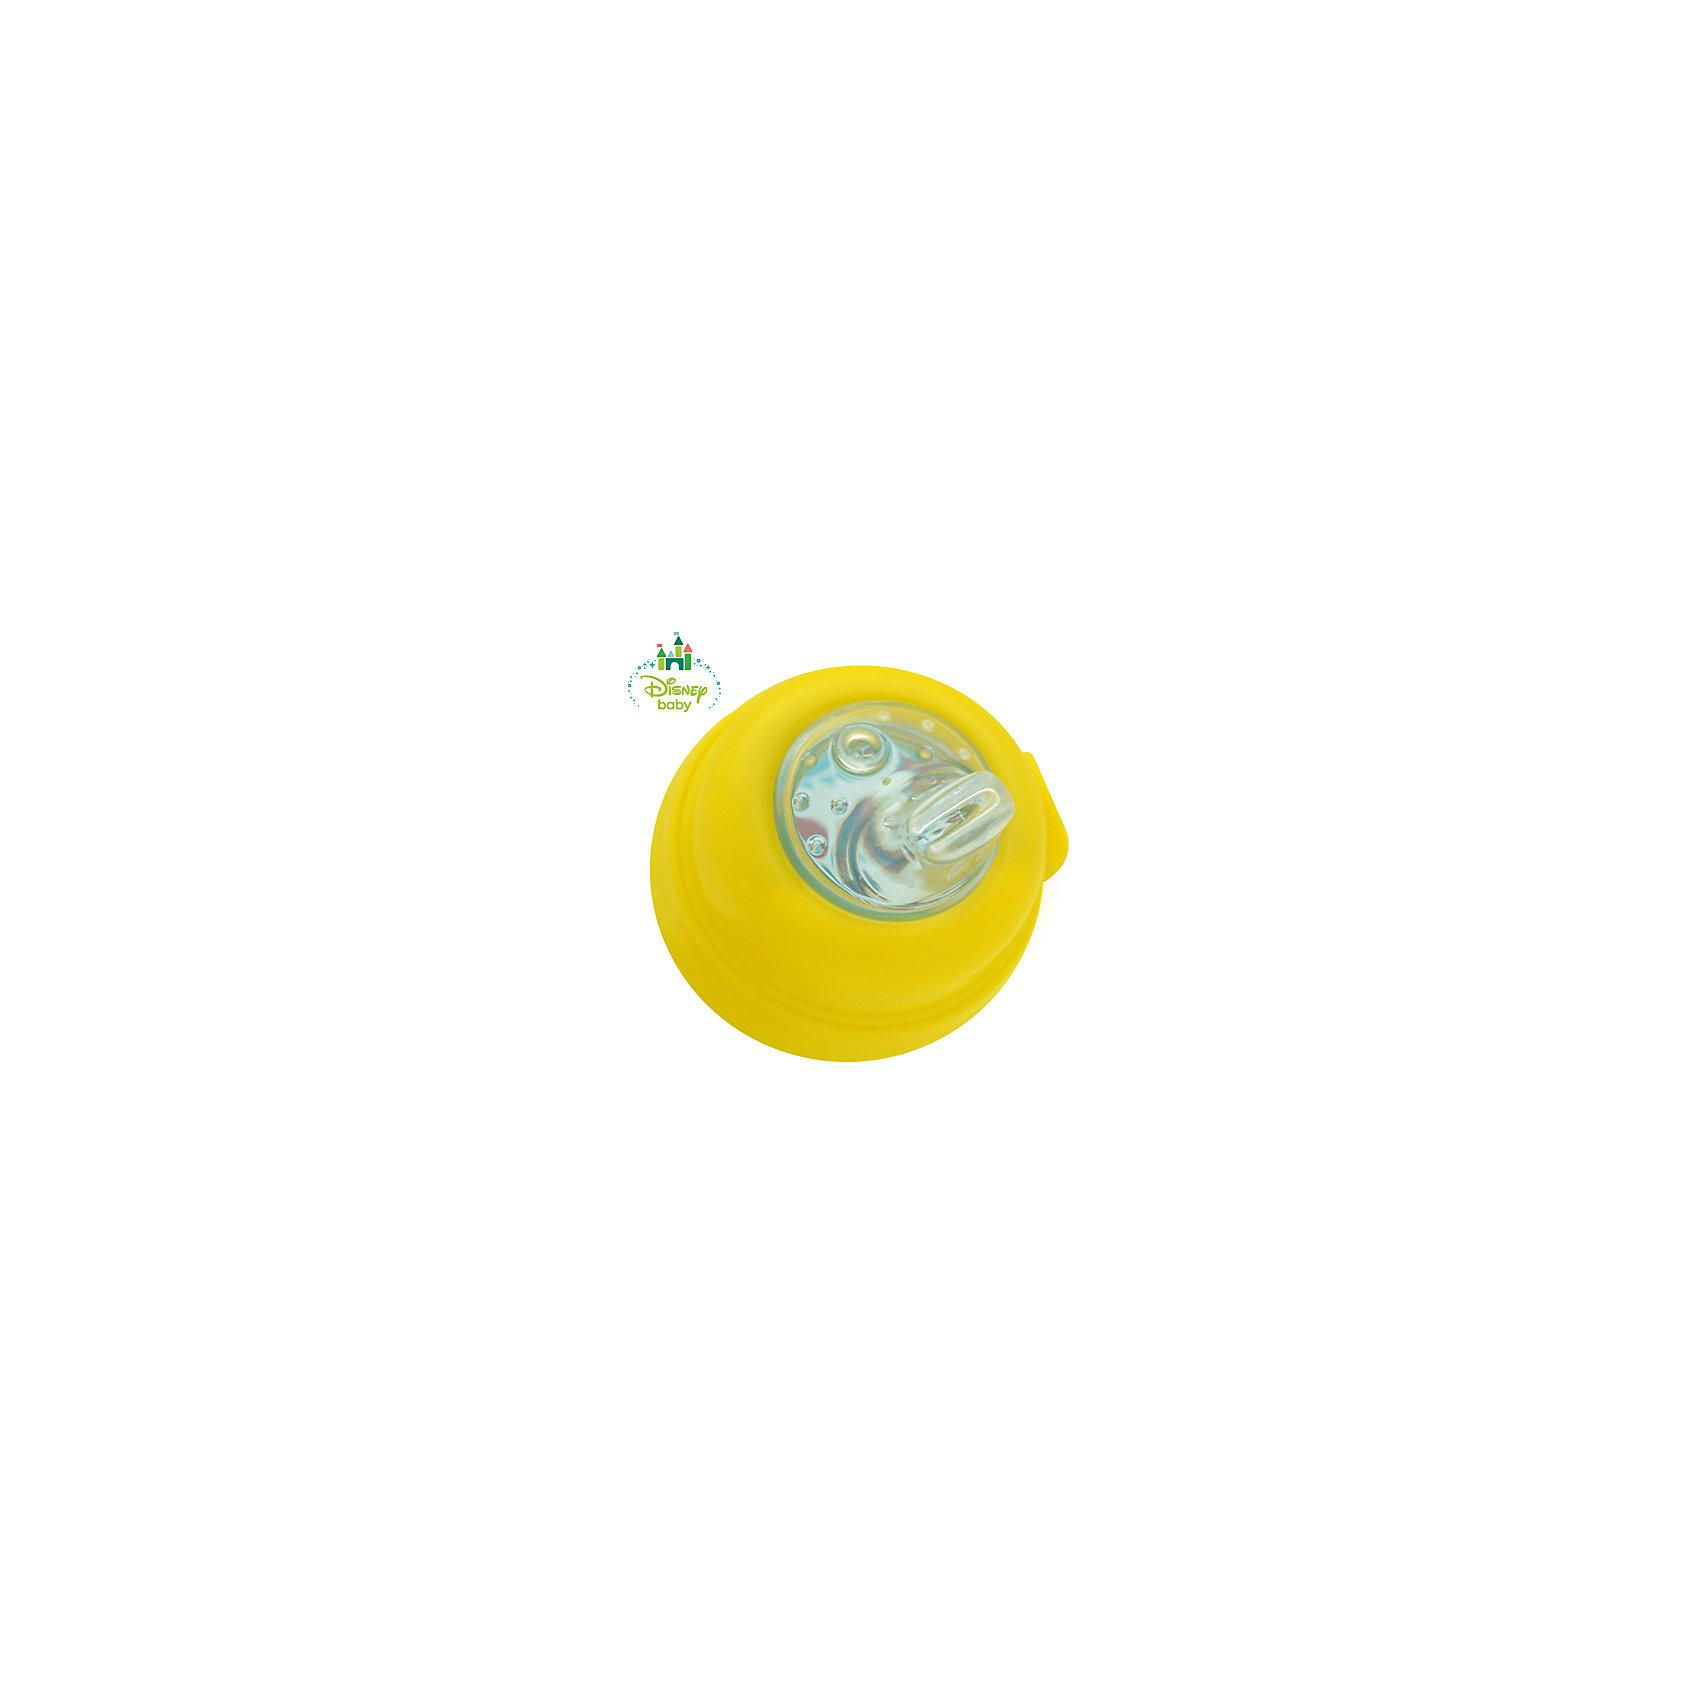 Поильник Минни DISNEY с мягким носиком, от 6 мес. 360 мл., LUBBY, зеленый